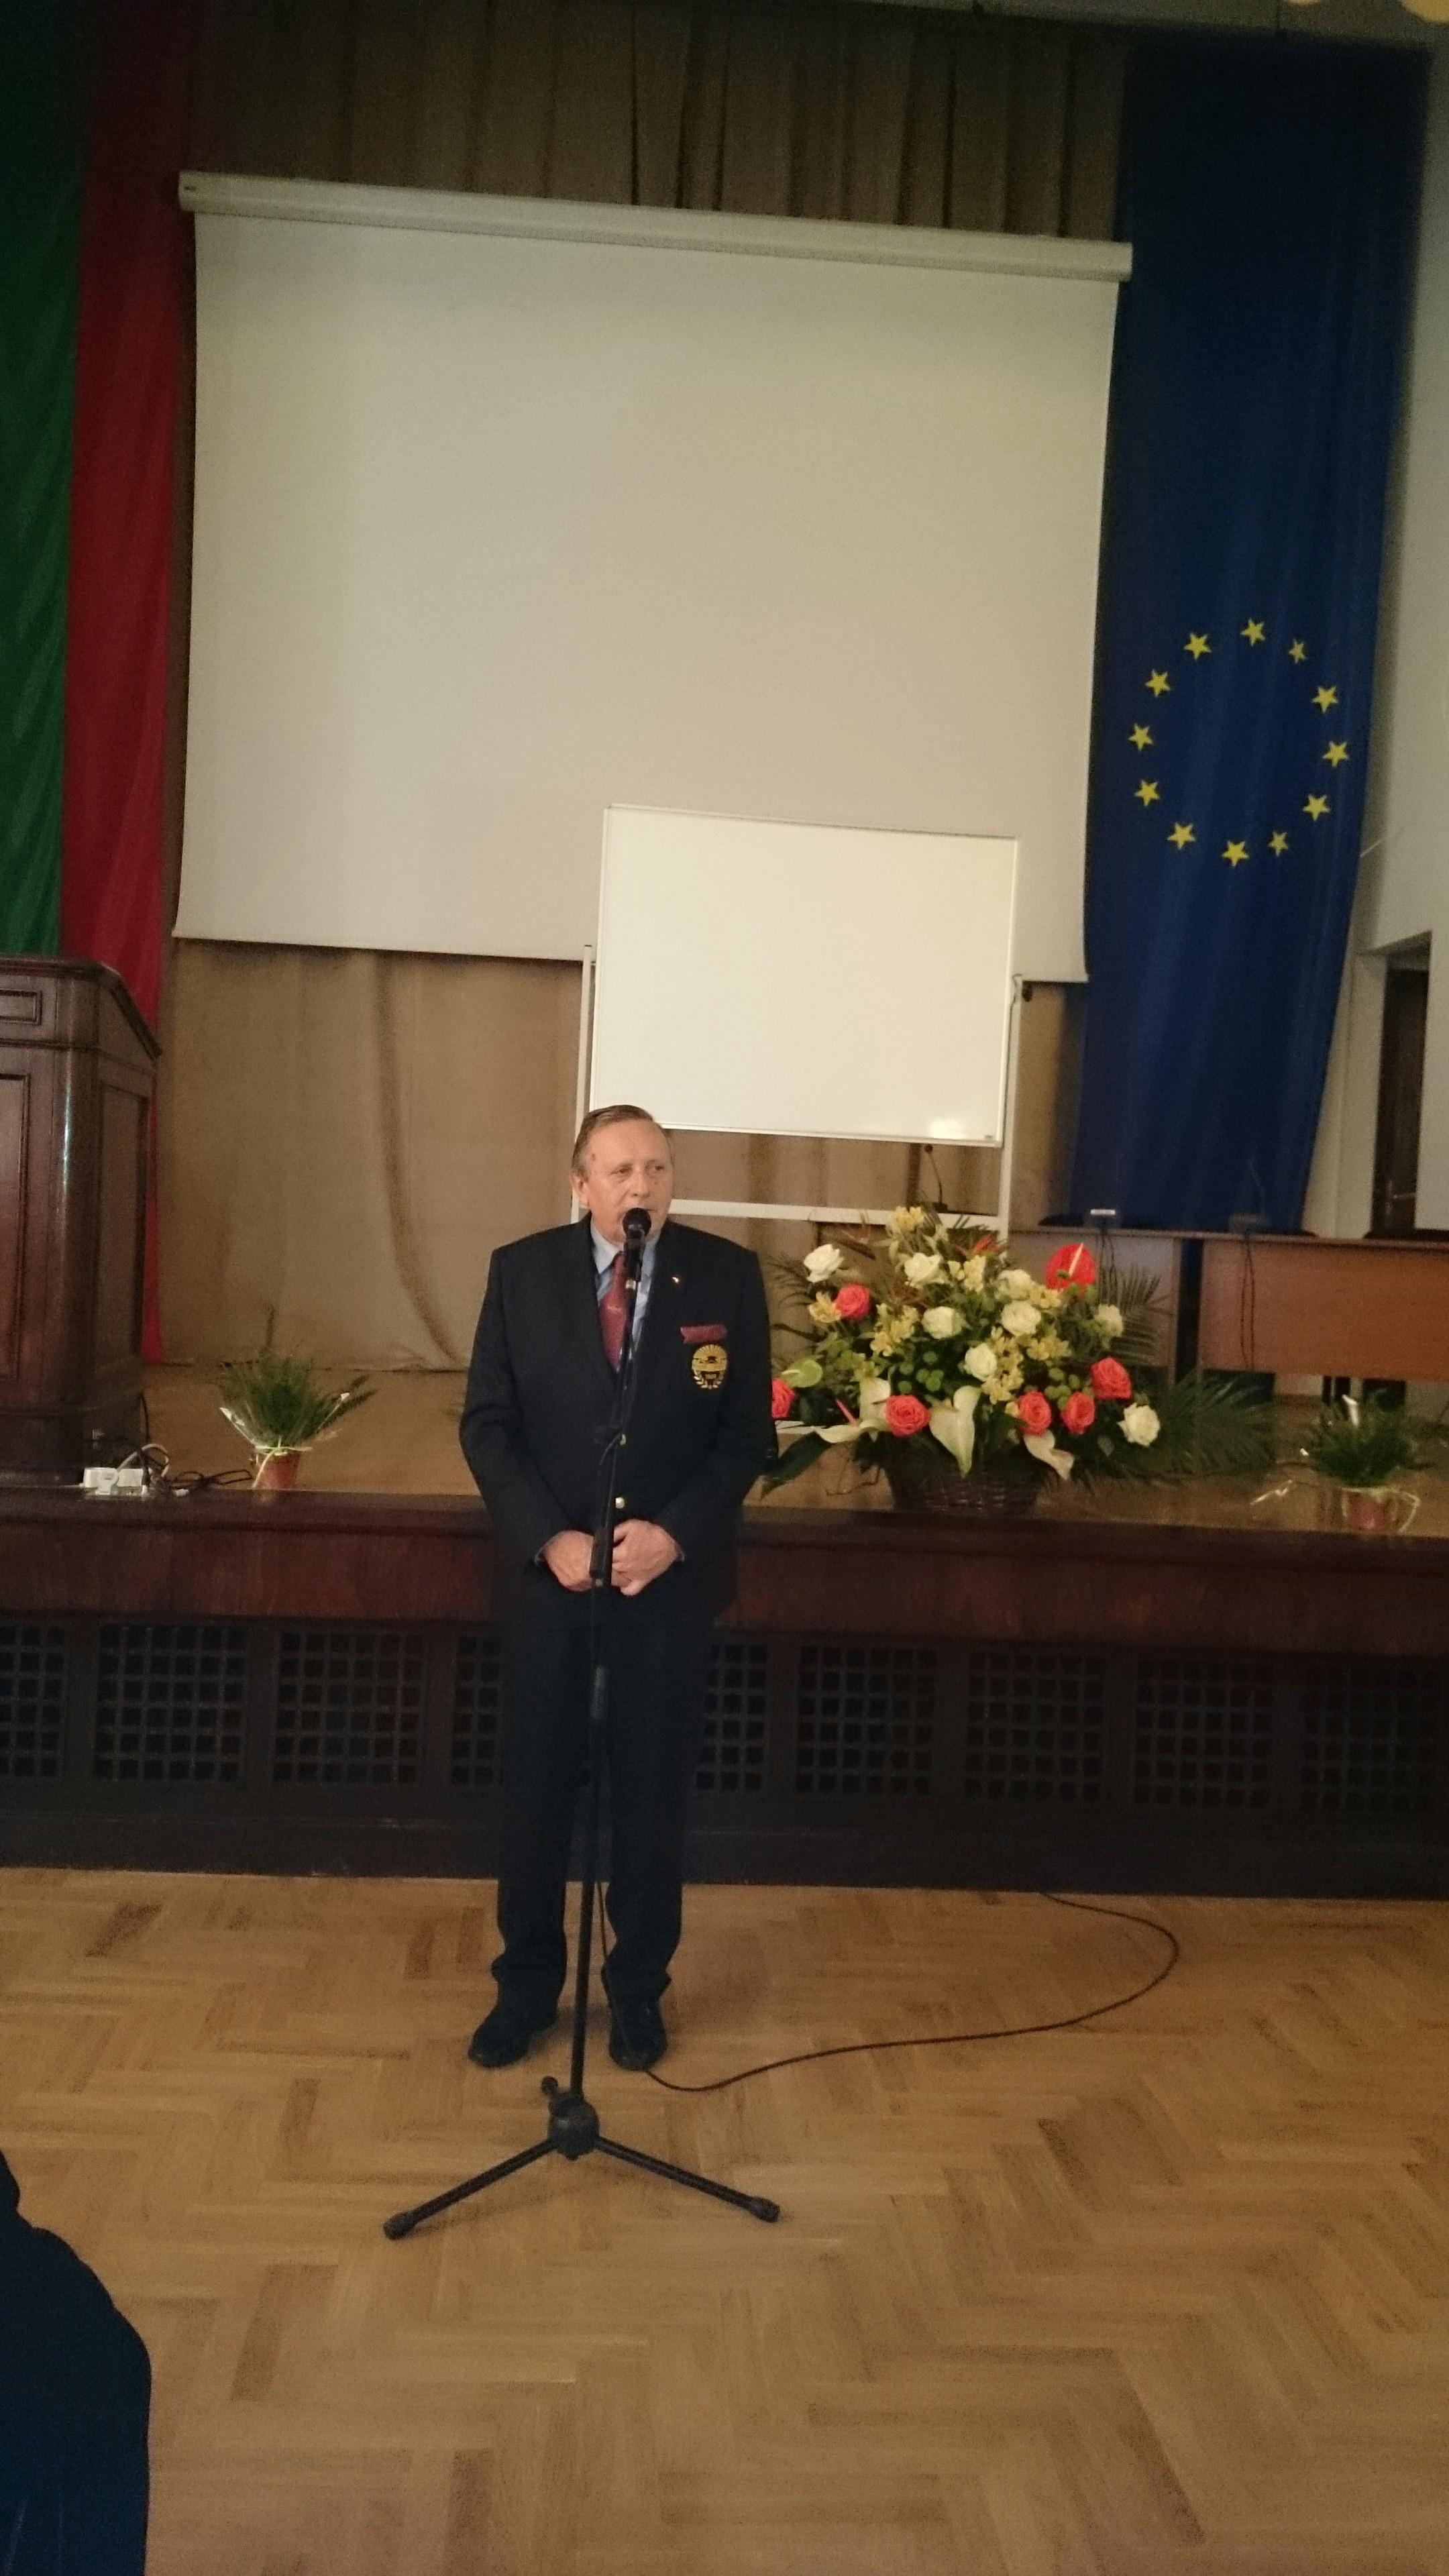 Младите таланти на българската наука показват свои разработки пред учени от БАН